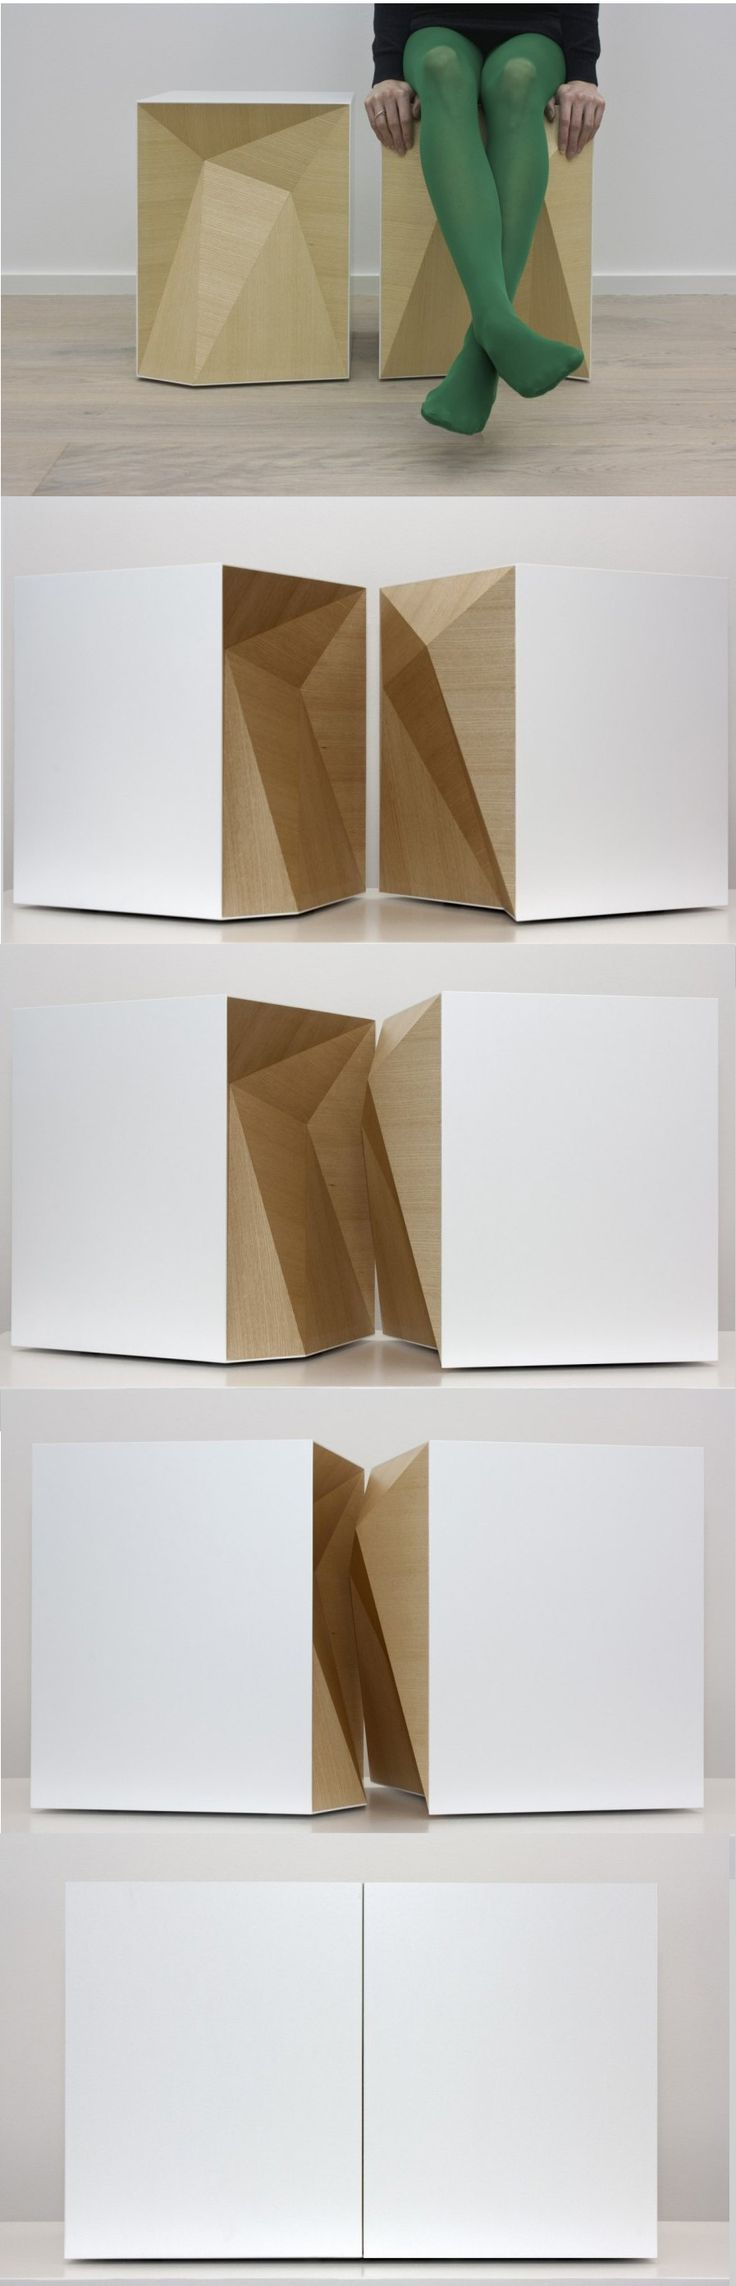 Tabouret, Within par Mattias Stenberg Tabouret simple à première vue pourtant il se sépare tel deux pièces d'un puzzle. Emboitement et donc mobile qui donne à la fois un style moderne et authentique.